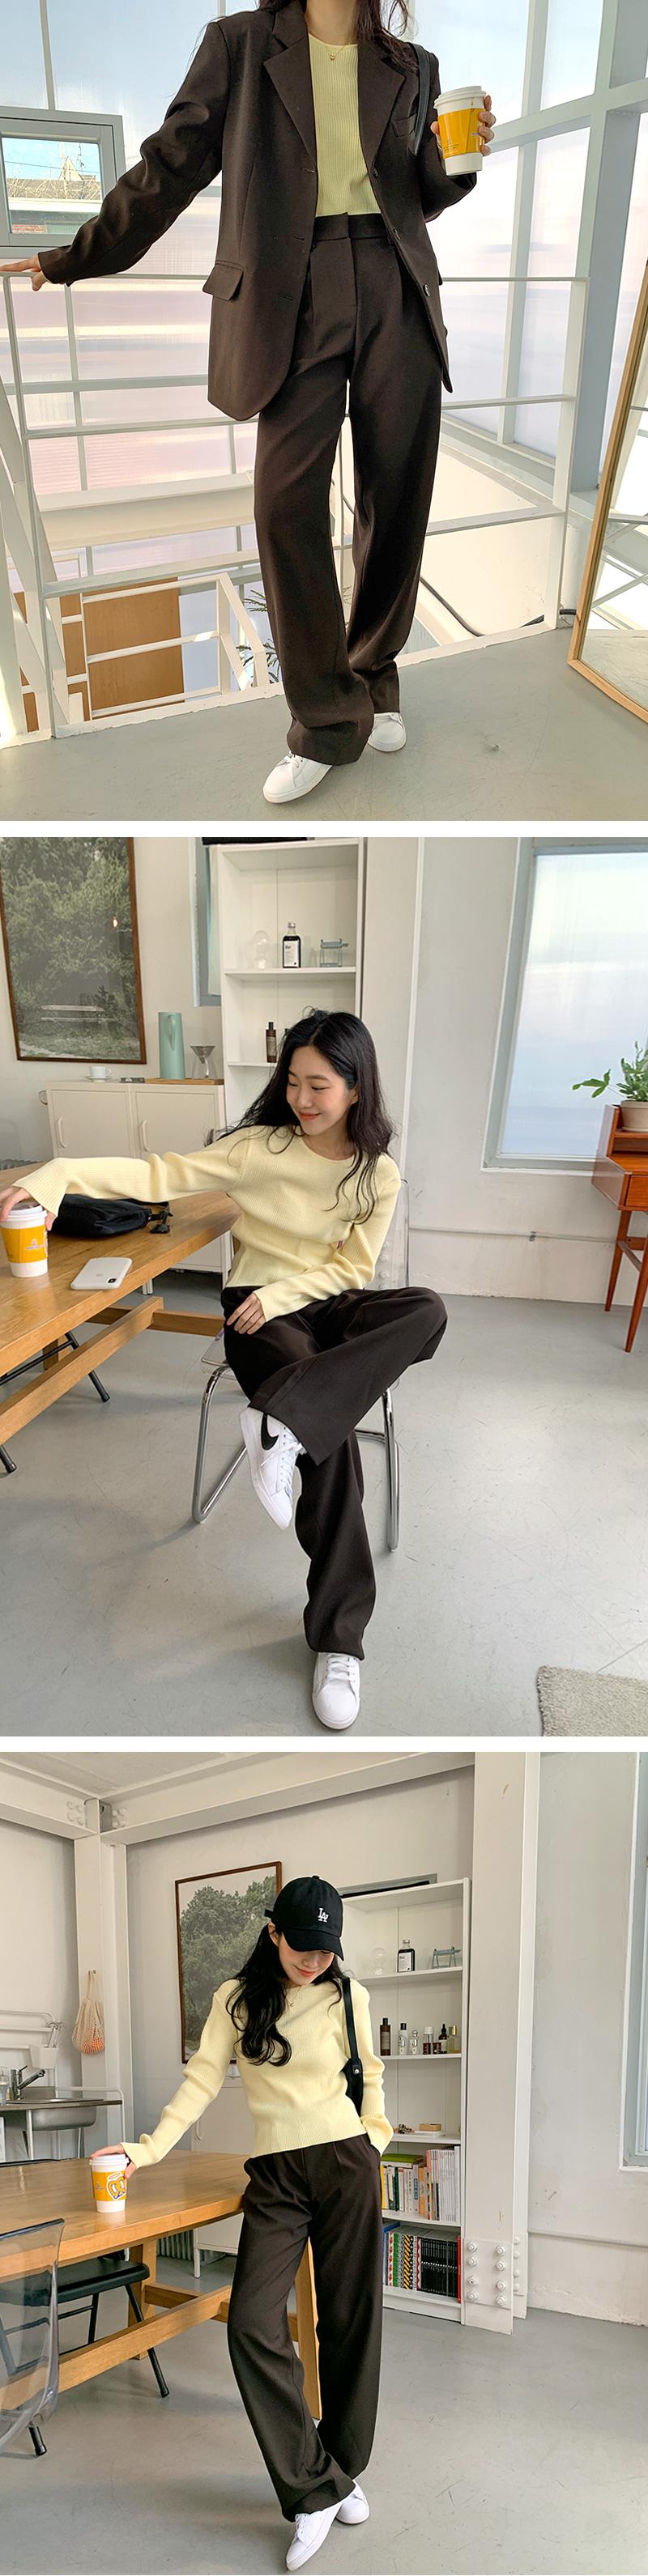 Katie tailored single jacket